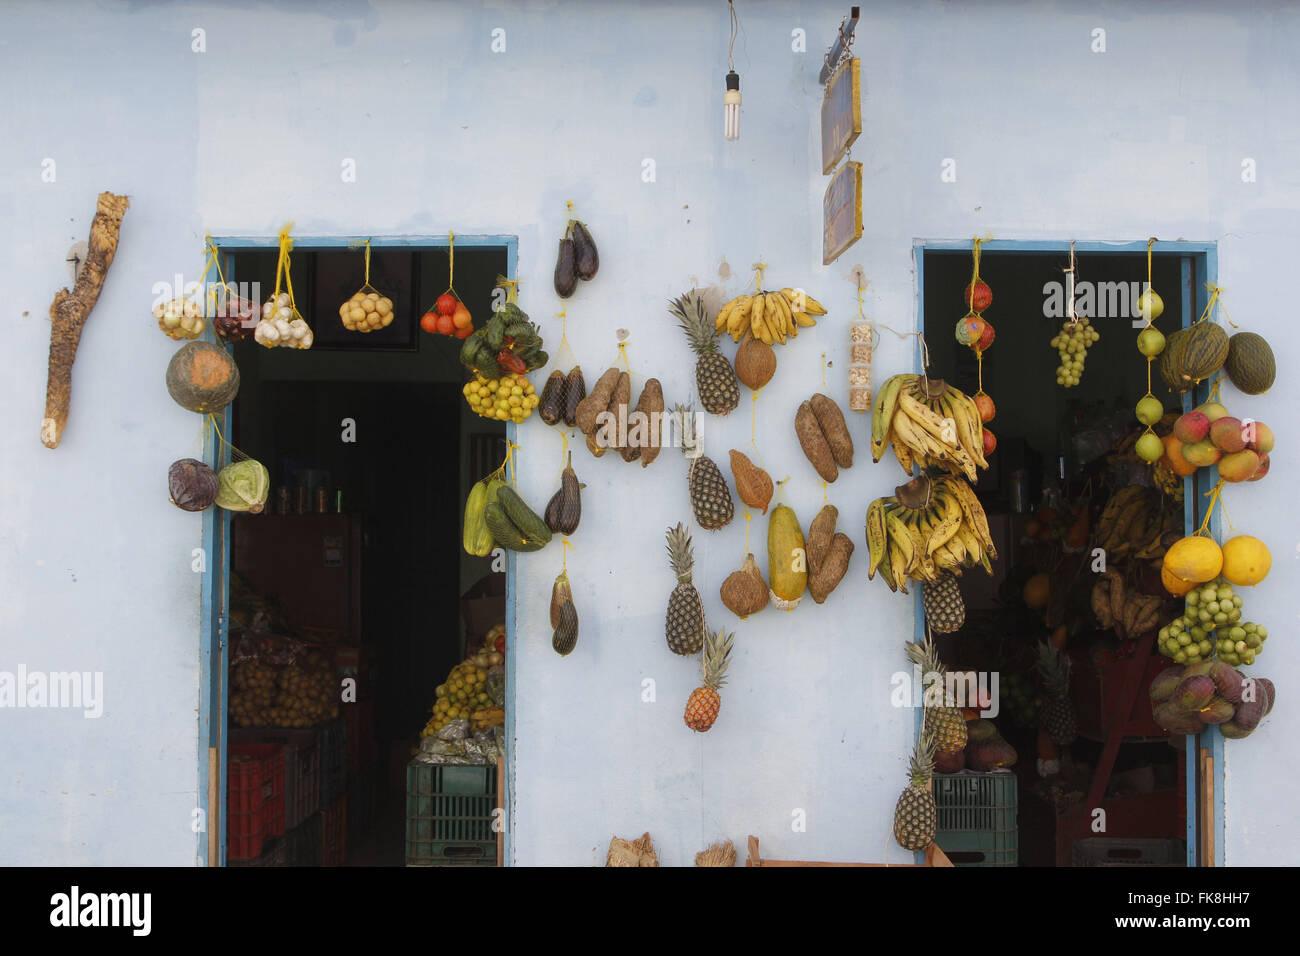 Obst und Gemüse zum Verkauf vor dem Lebensmittelgeschäft in der historischen Innenstadt Stockbild